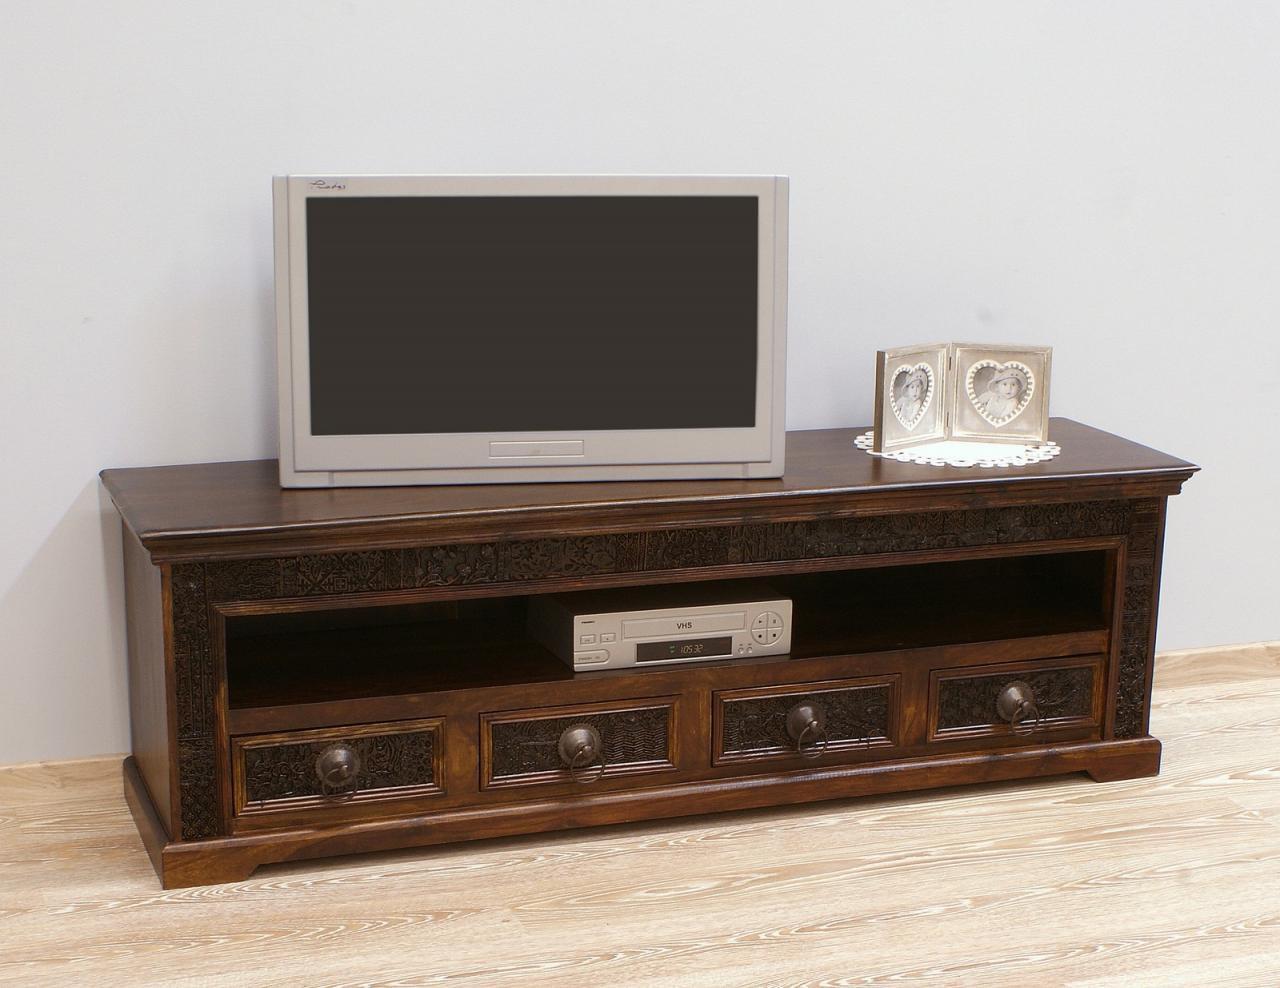 Komoda RTV szafka pod telewizor kolonialna lite drewno palisander indyjski ręcznie rzeźbiona